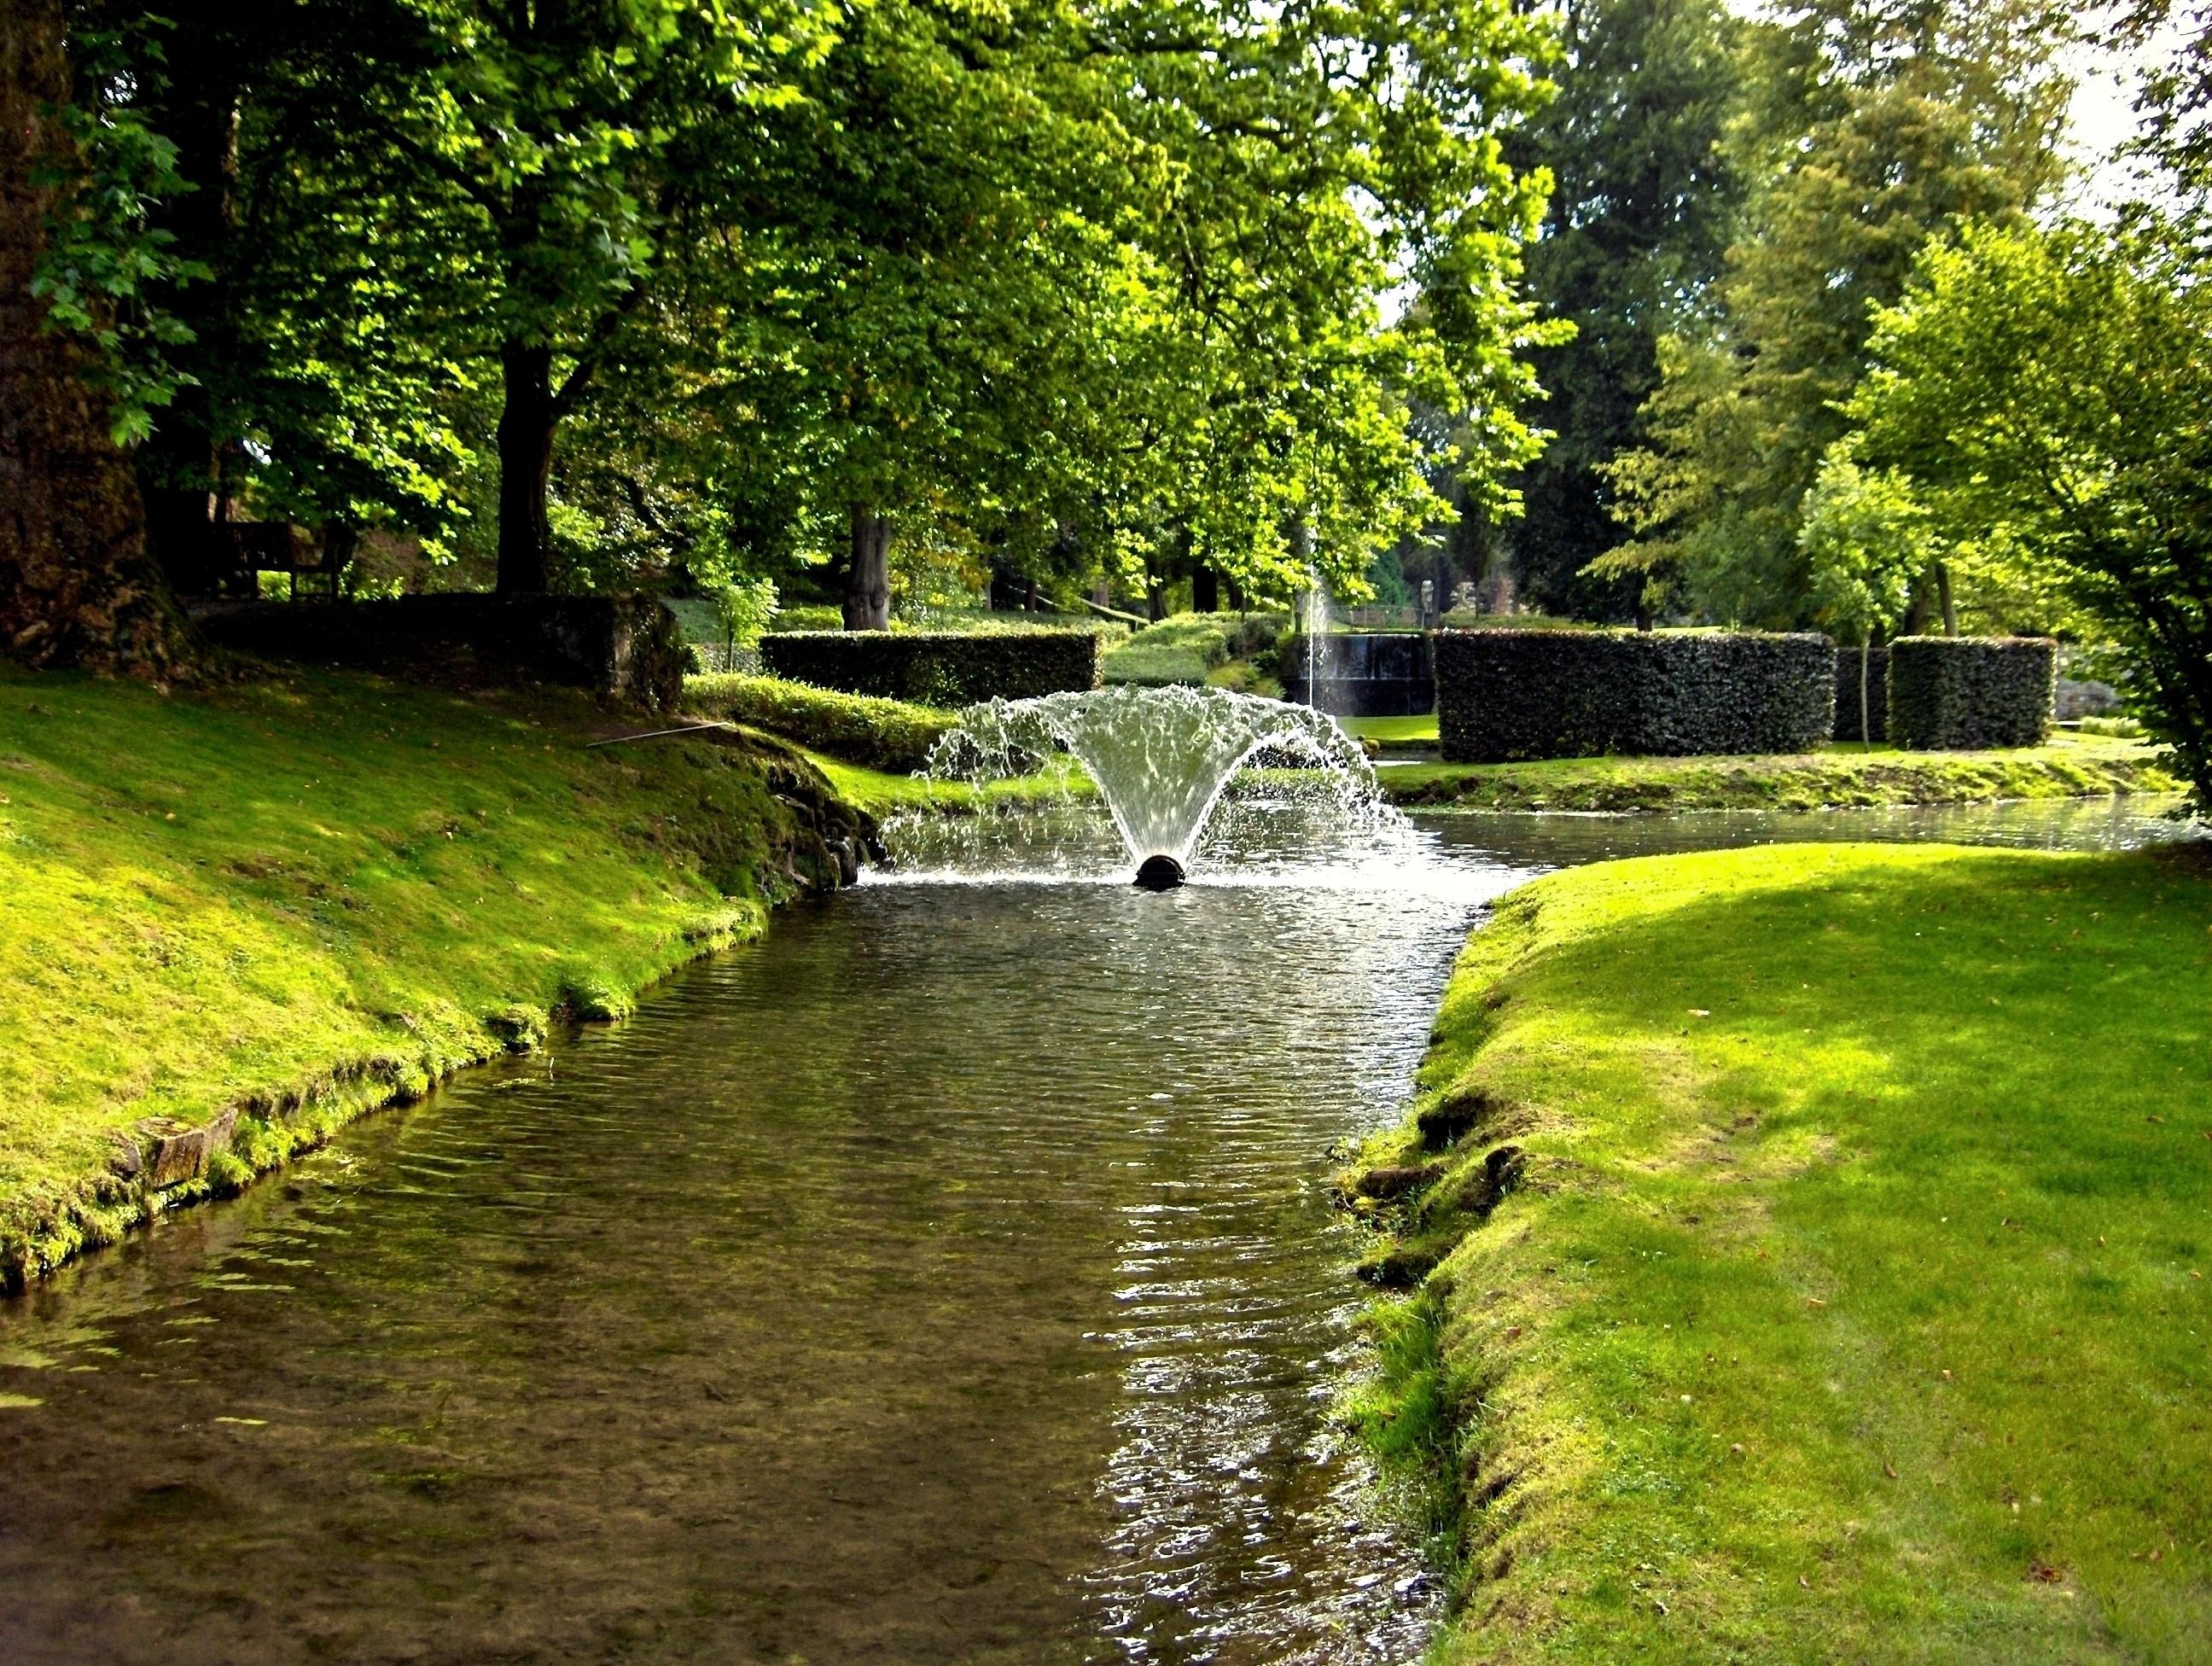 Les jardins d annevoie 1 echos du terroir et d 39 ailleurs for Jardin belgique